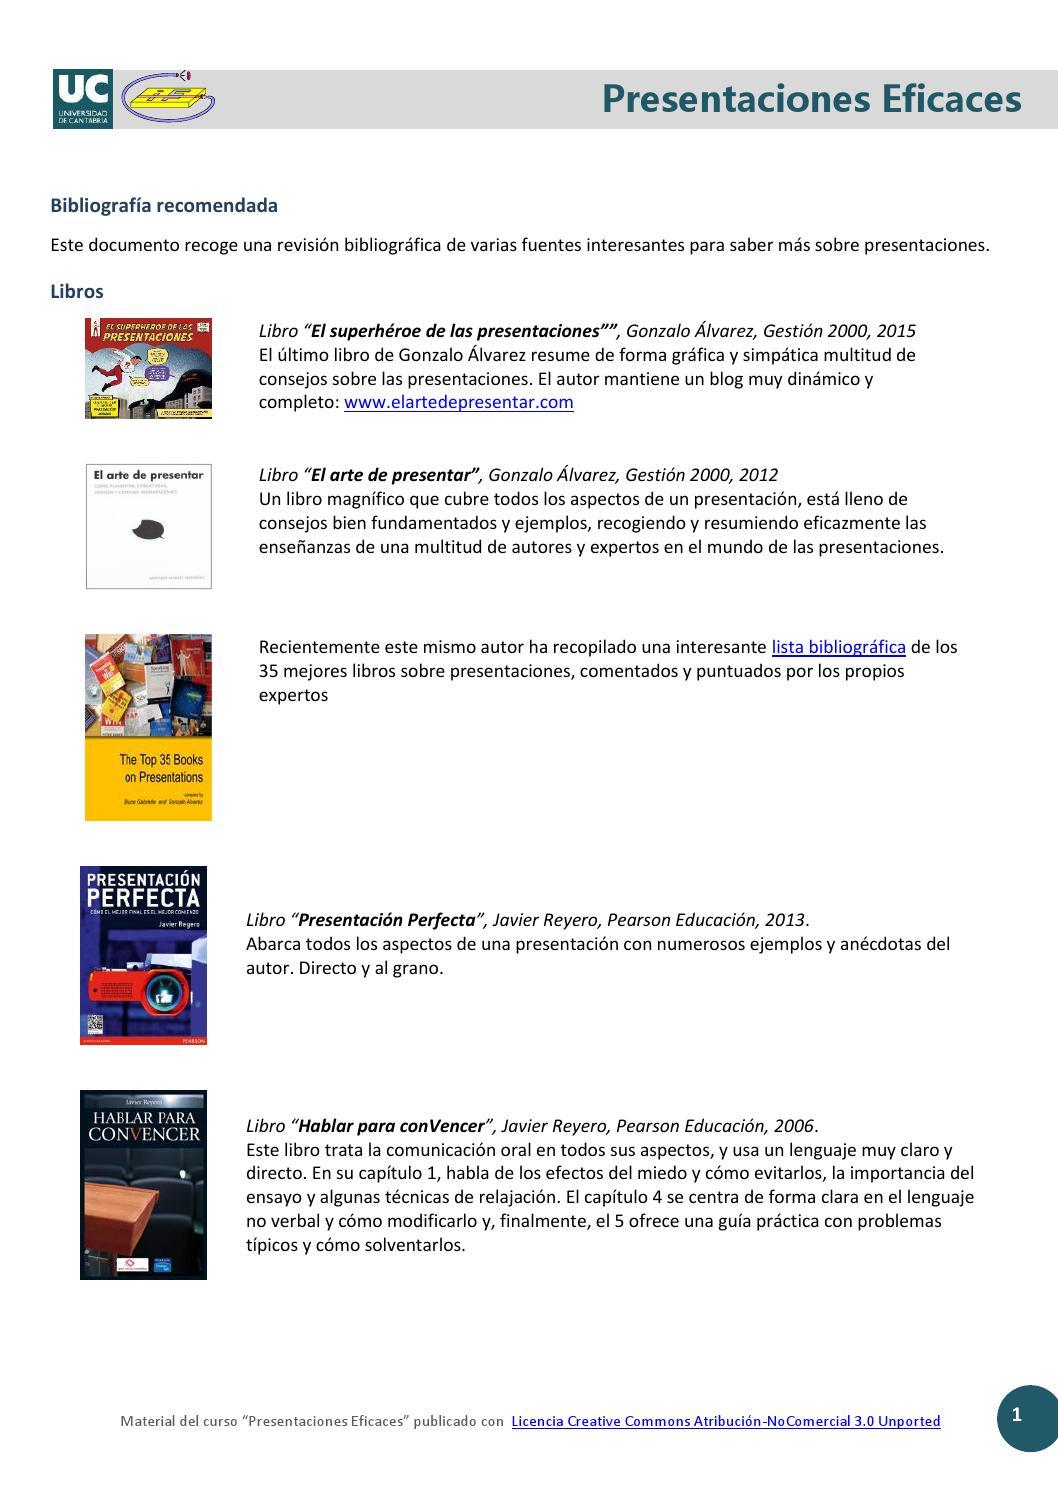 Presentaciones eficaces. Francisco Javier Cervigon Ruckauer by ...